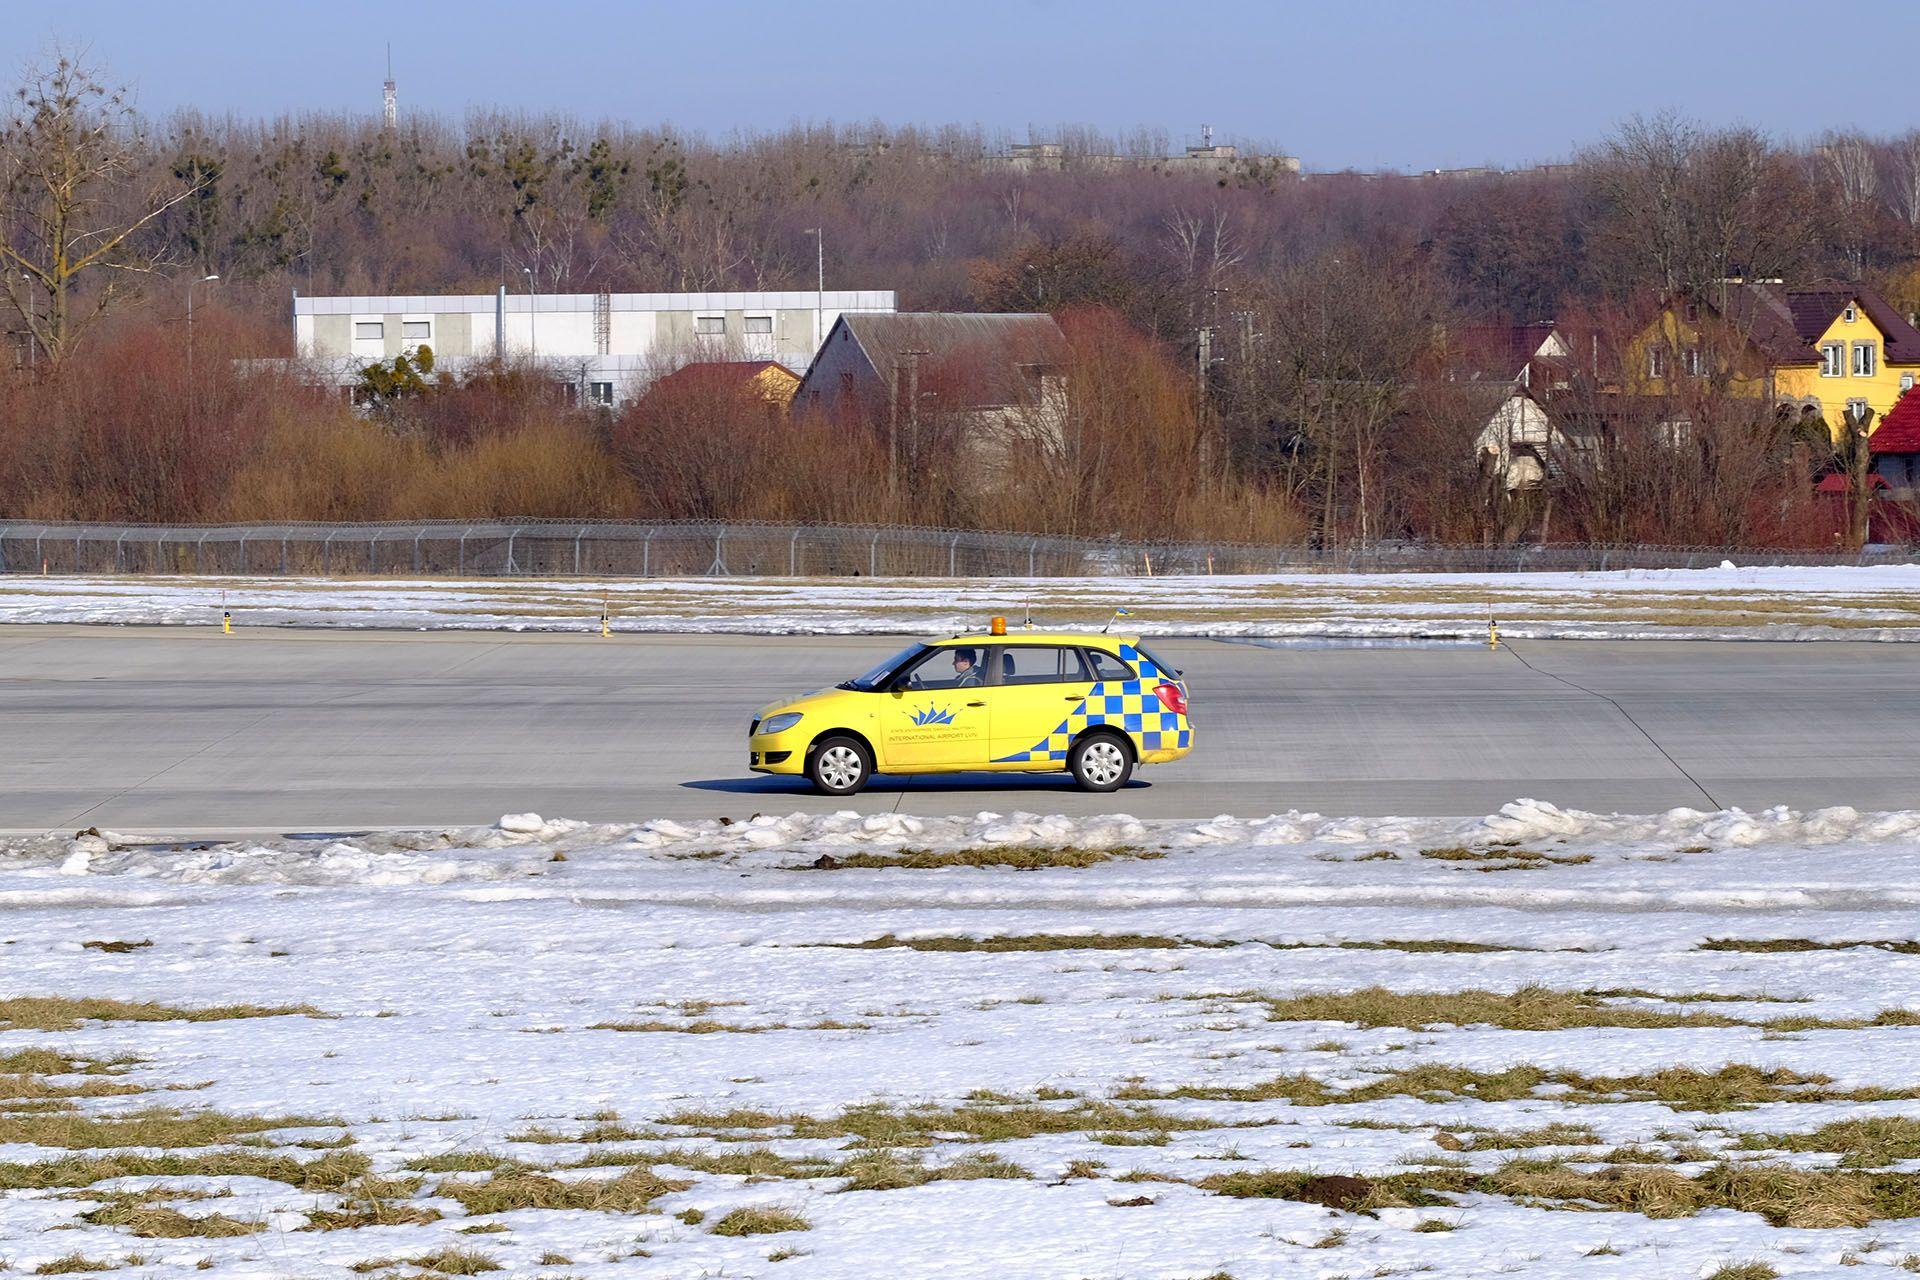 Жовтий автомобіль, припаркований на стоянці